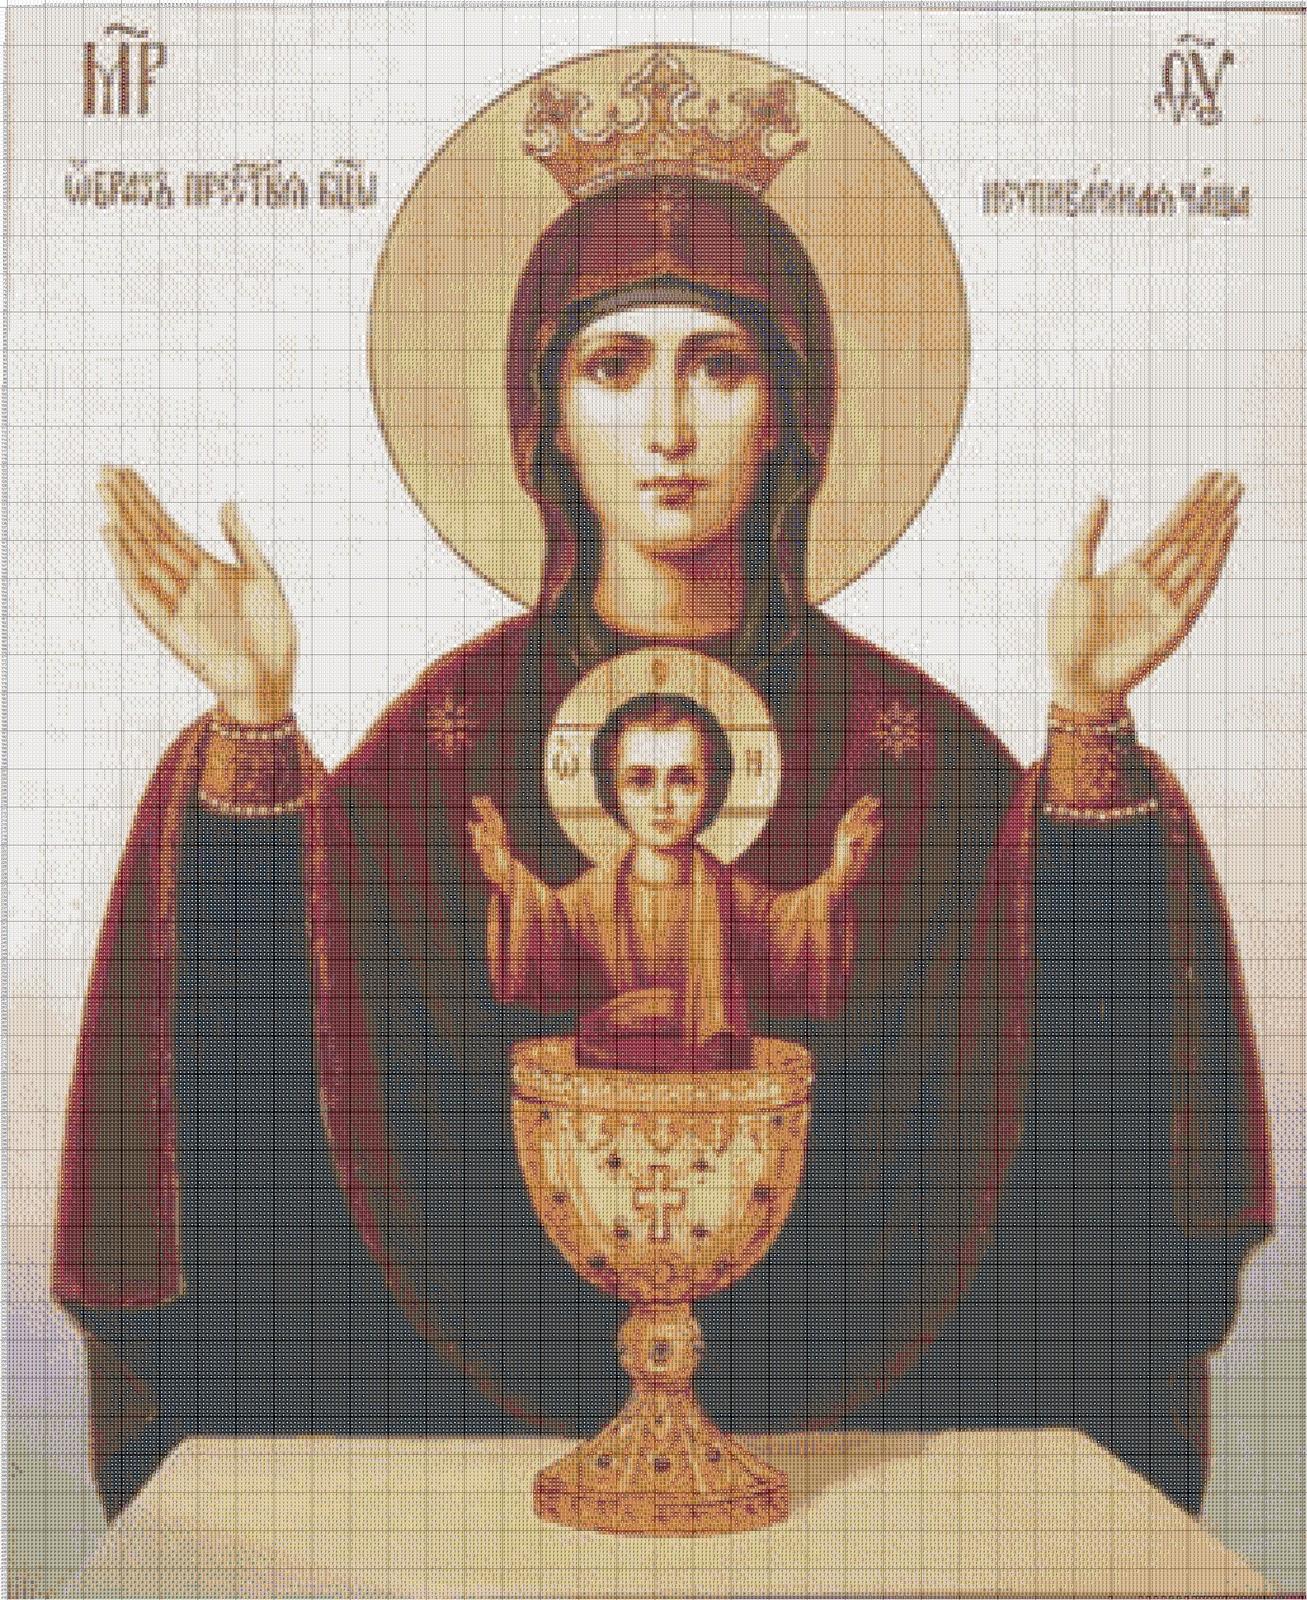 Икона неупиваемая чаша вышивка крестом схемы